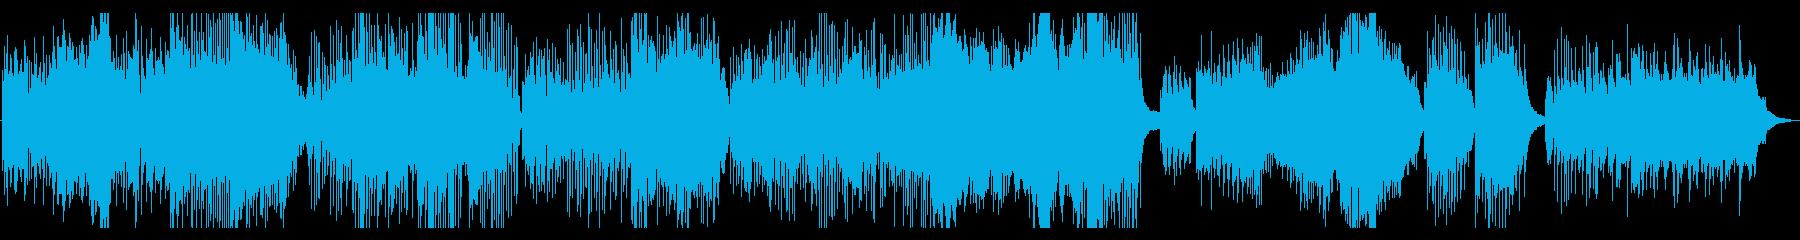 クラシックピアノ名曲「水の戯れ」ラヴェルの再生済みの波形